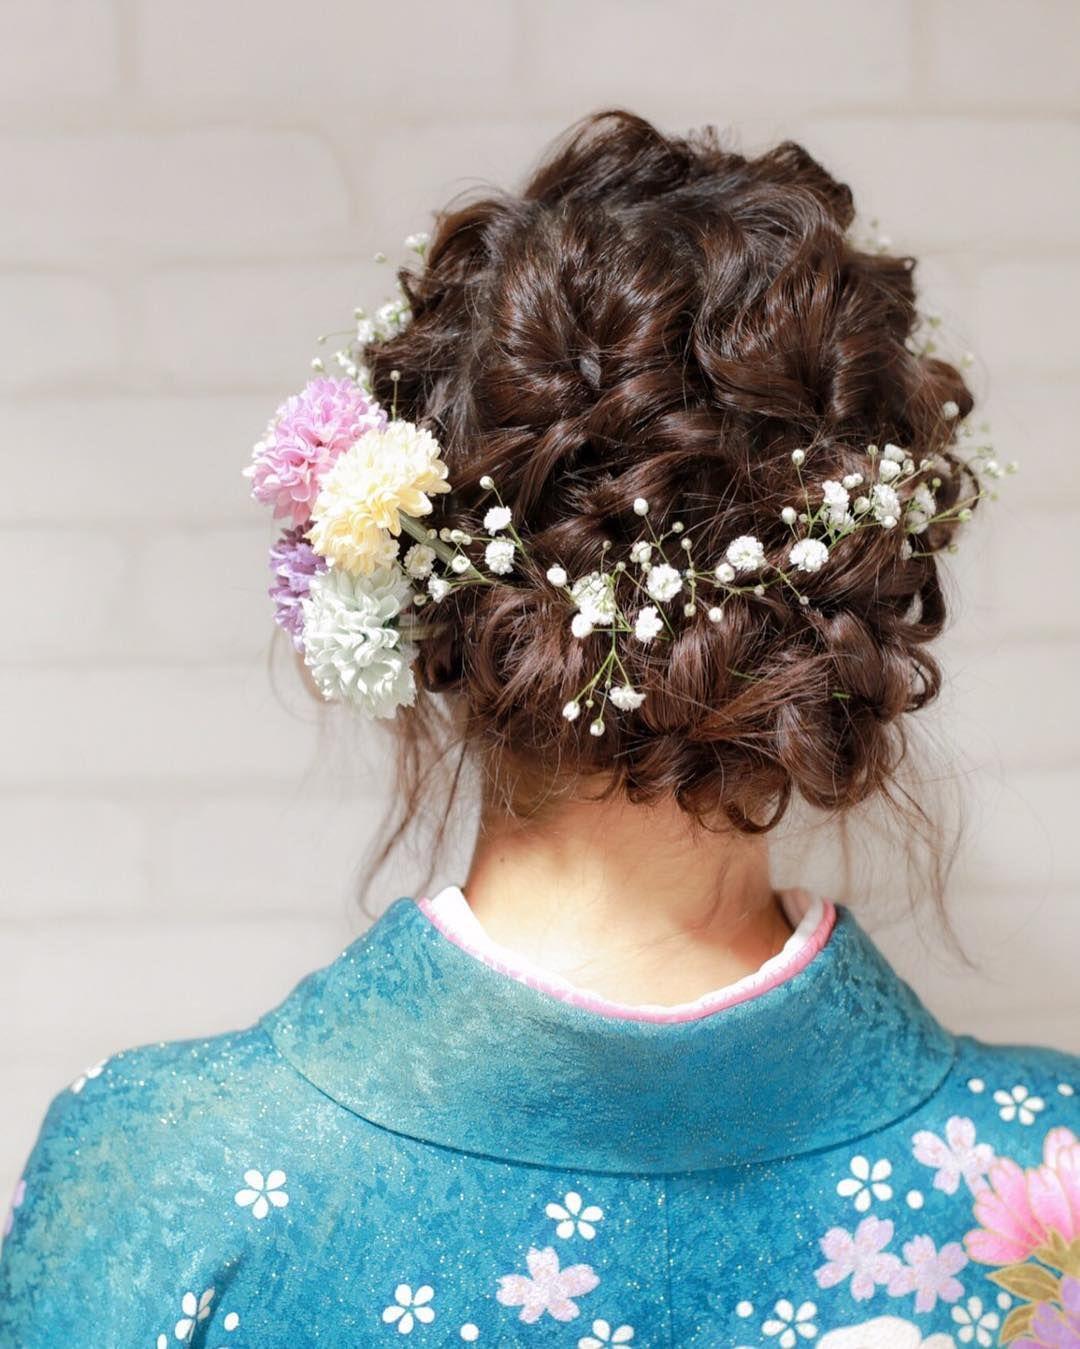 和装にも合うかすみ草の ブライダルヘア 髪型 まとめ Marry マリー 成人式 ヘアスタイル 編み込み ウェディング ヘアスタイル 成人式 髪型 アップ